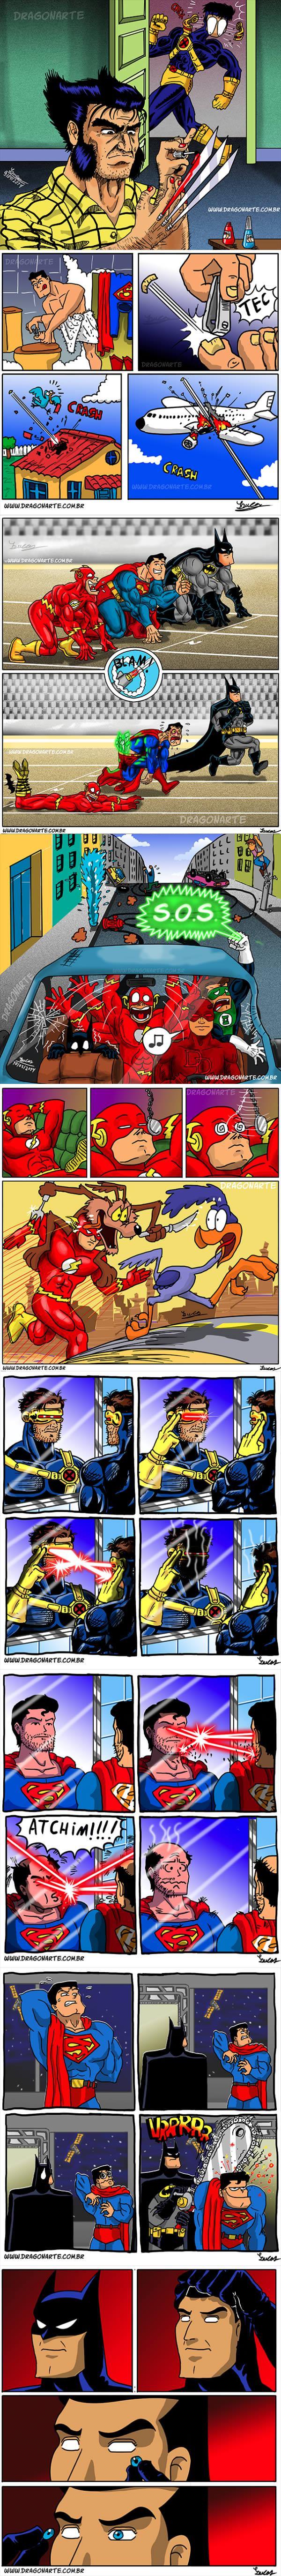 supereroi che combinano superdisastri